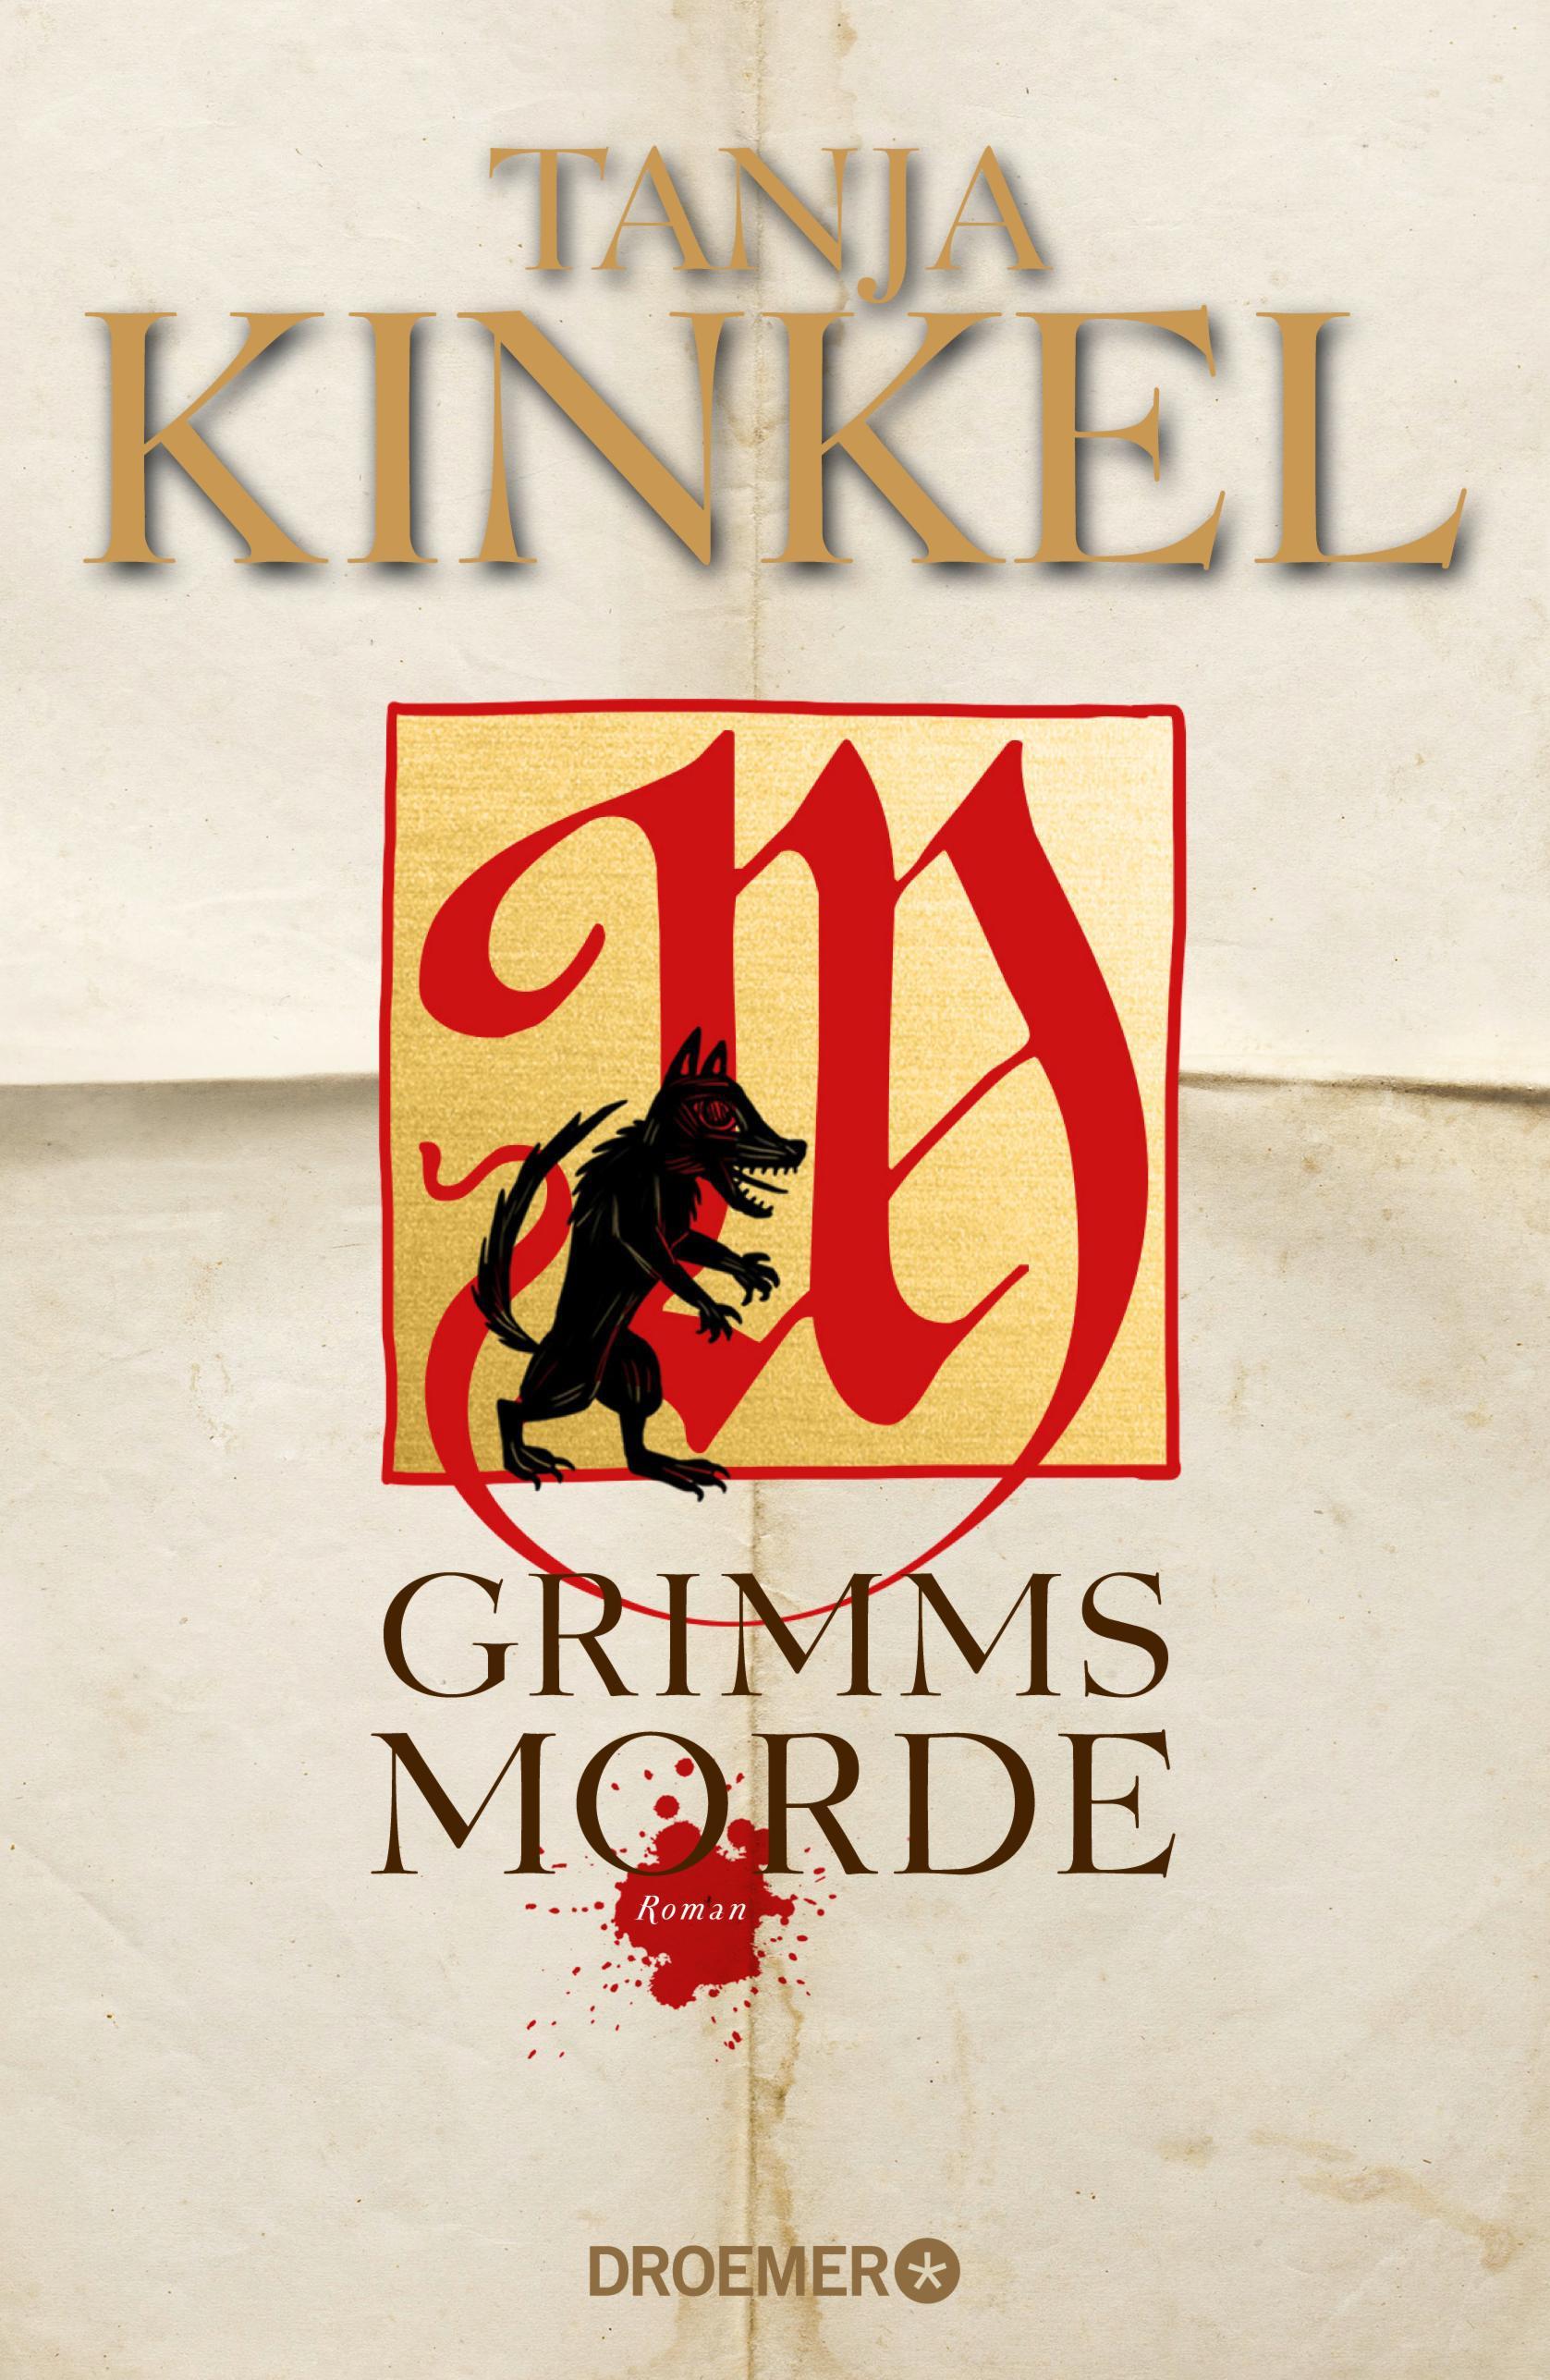 Grimms Morde Tanja Kinkel